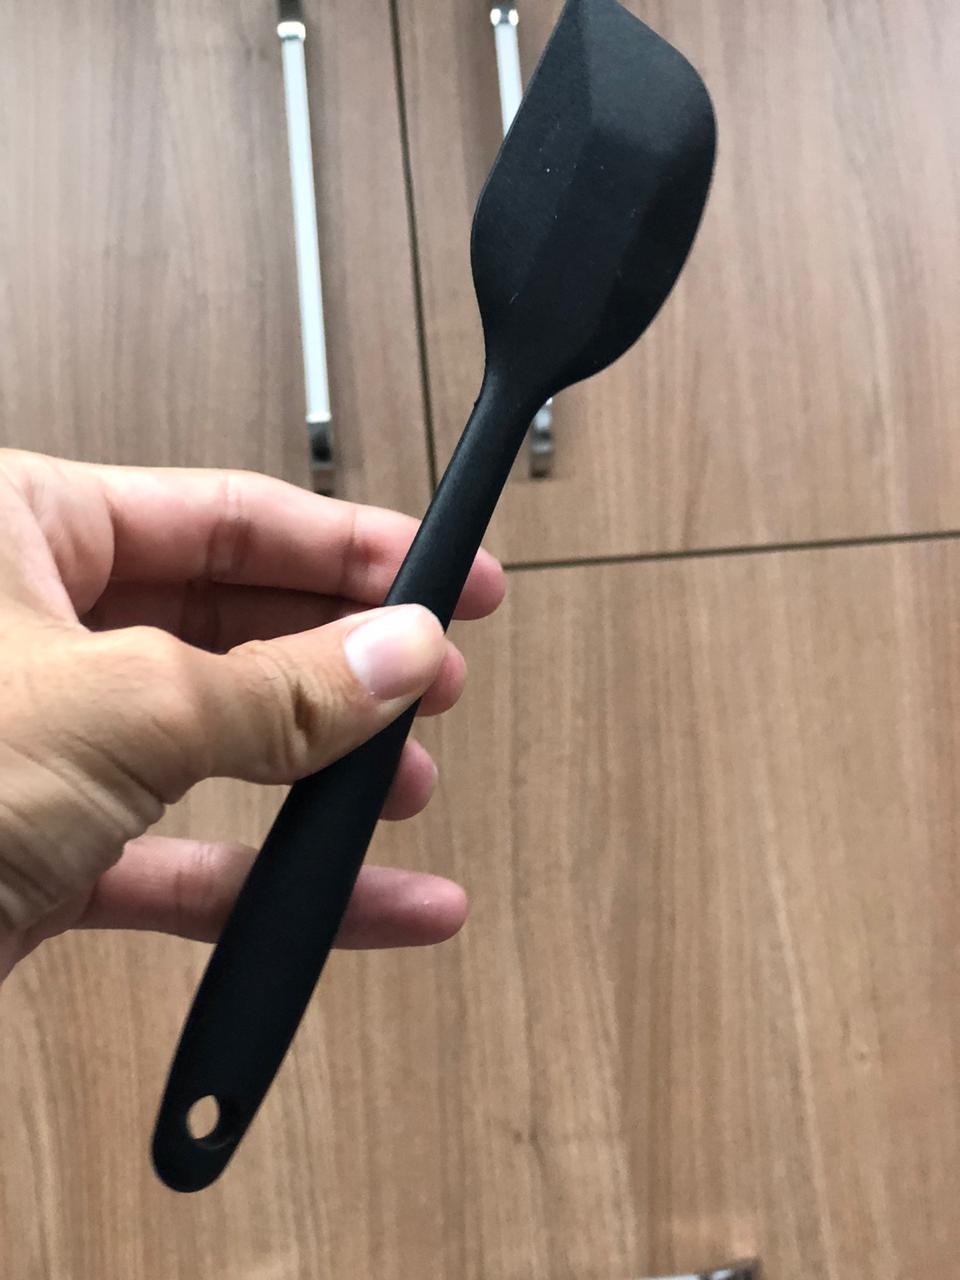 Espatula fechada raspadora pão duro de silicone 21cm preta